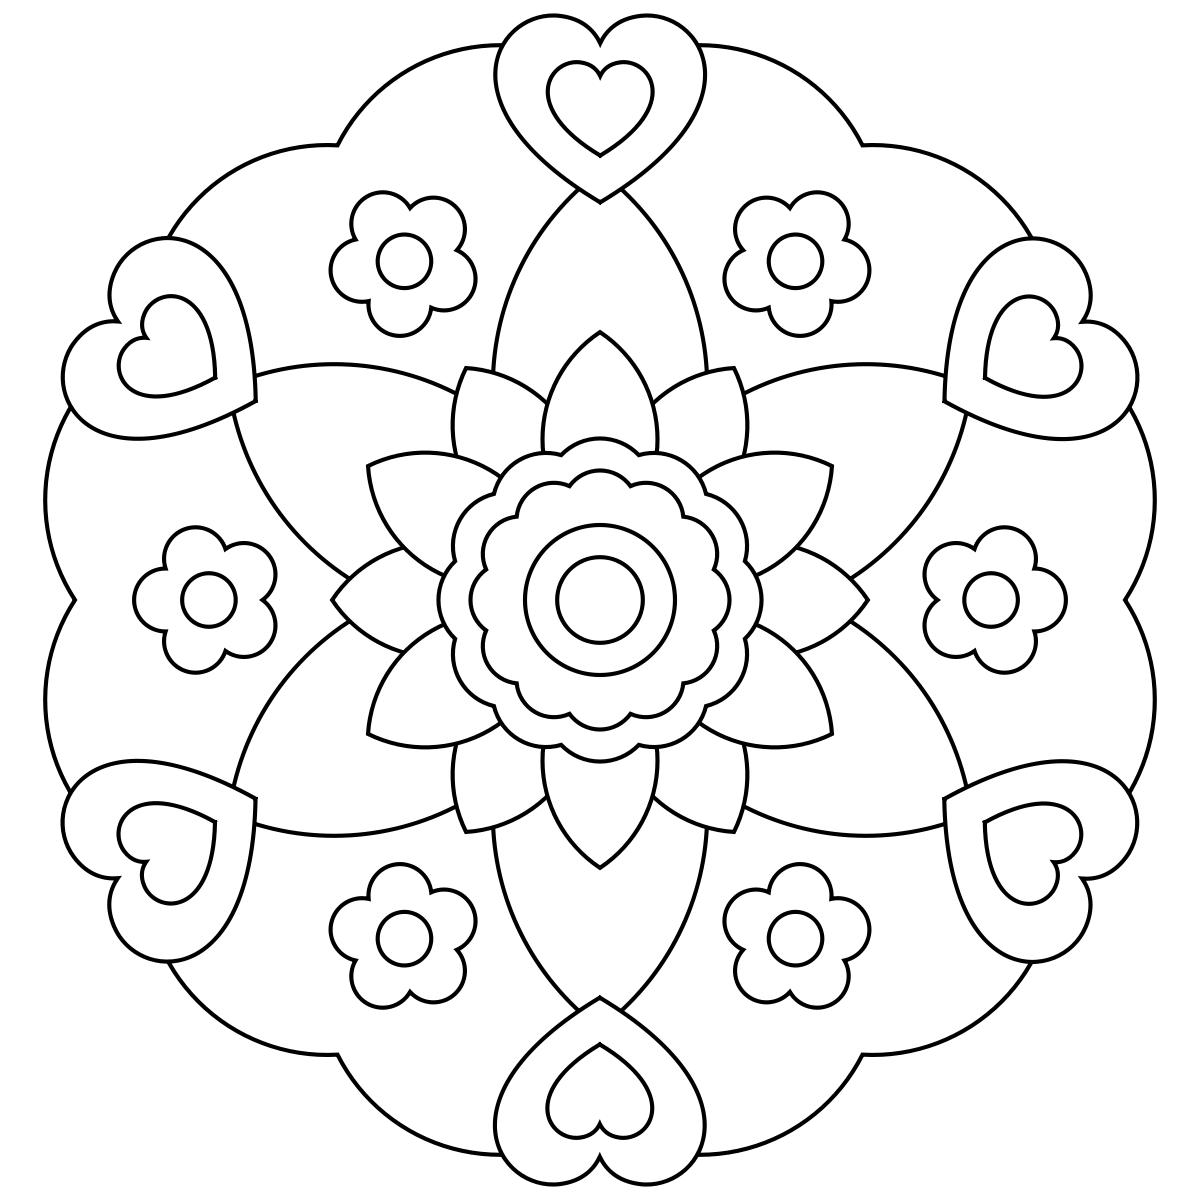 Free printable mandala coloring pages | Embroidery-Madalas ...